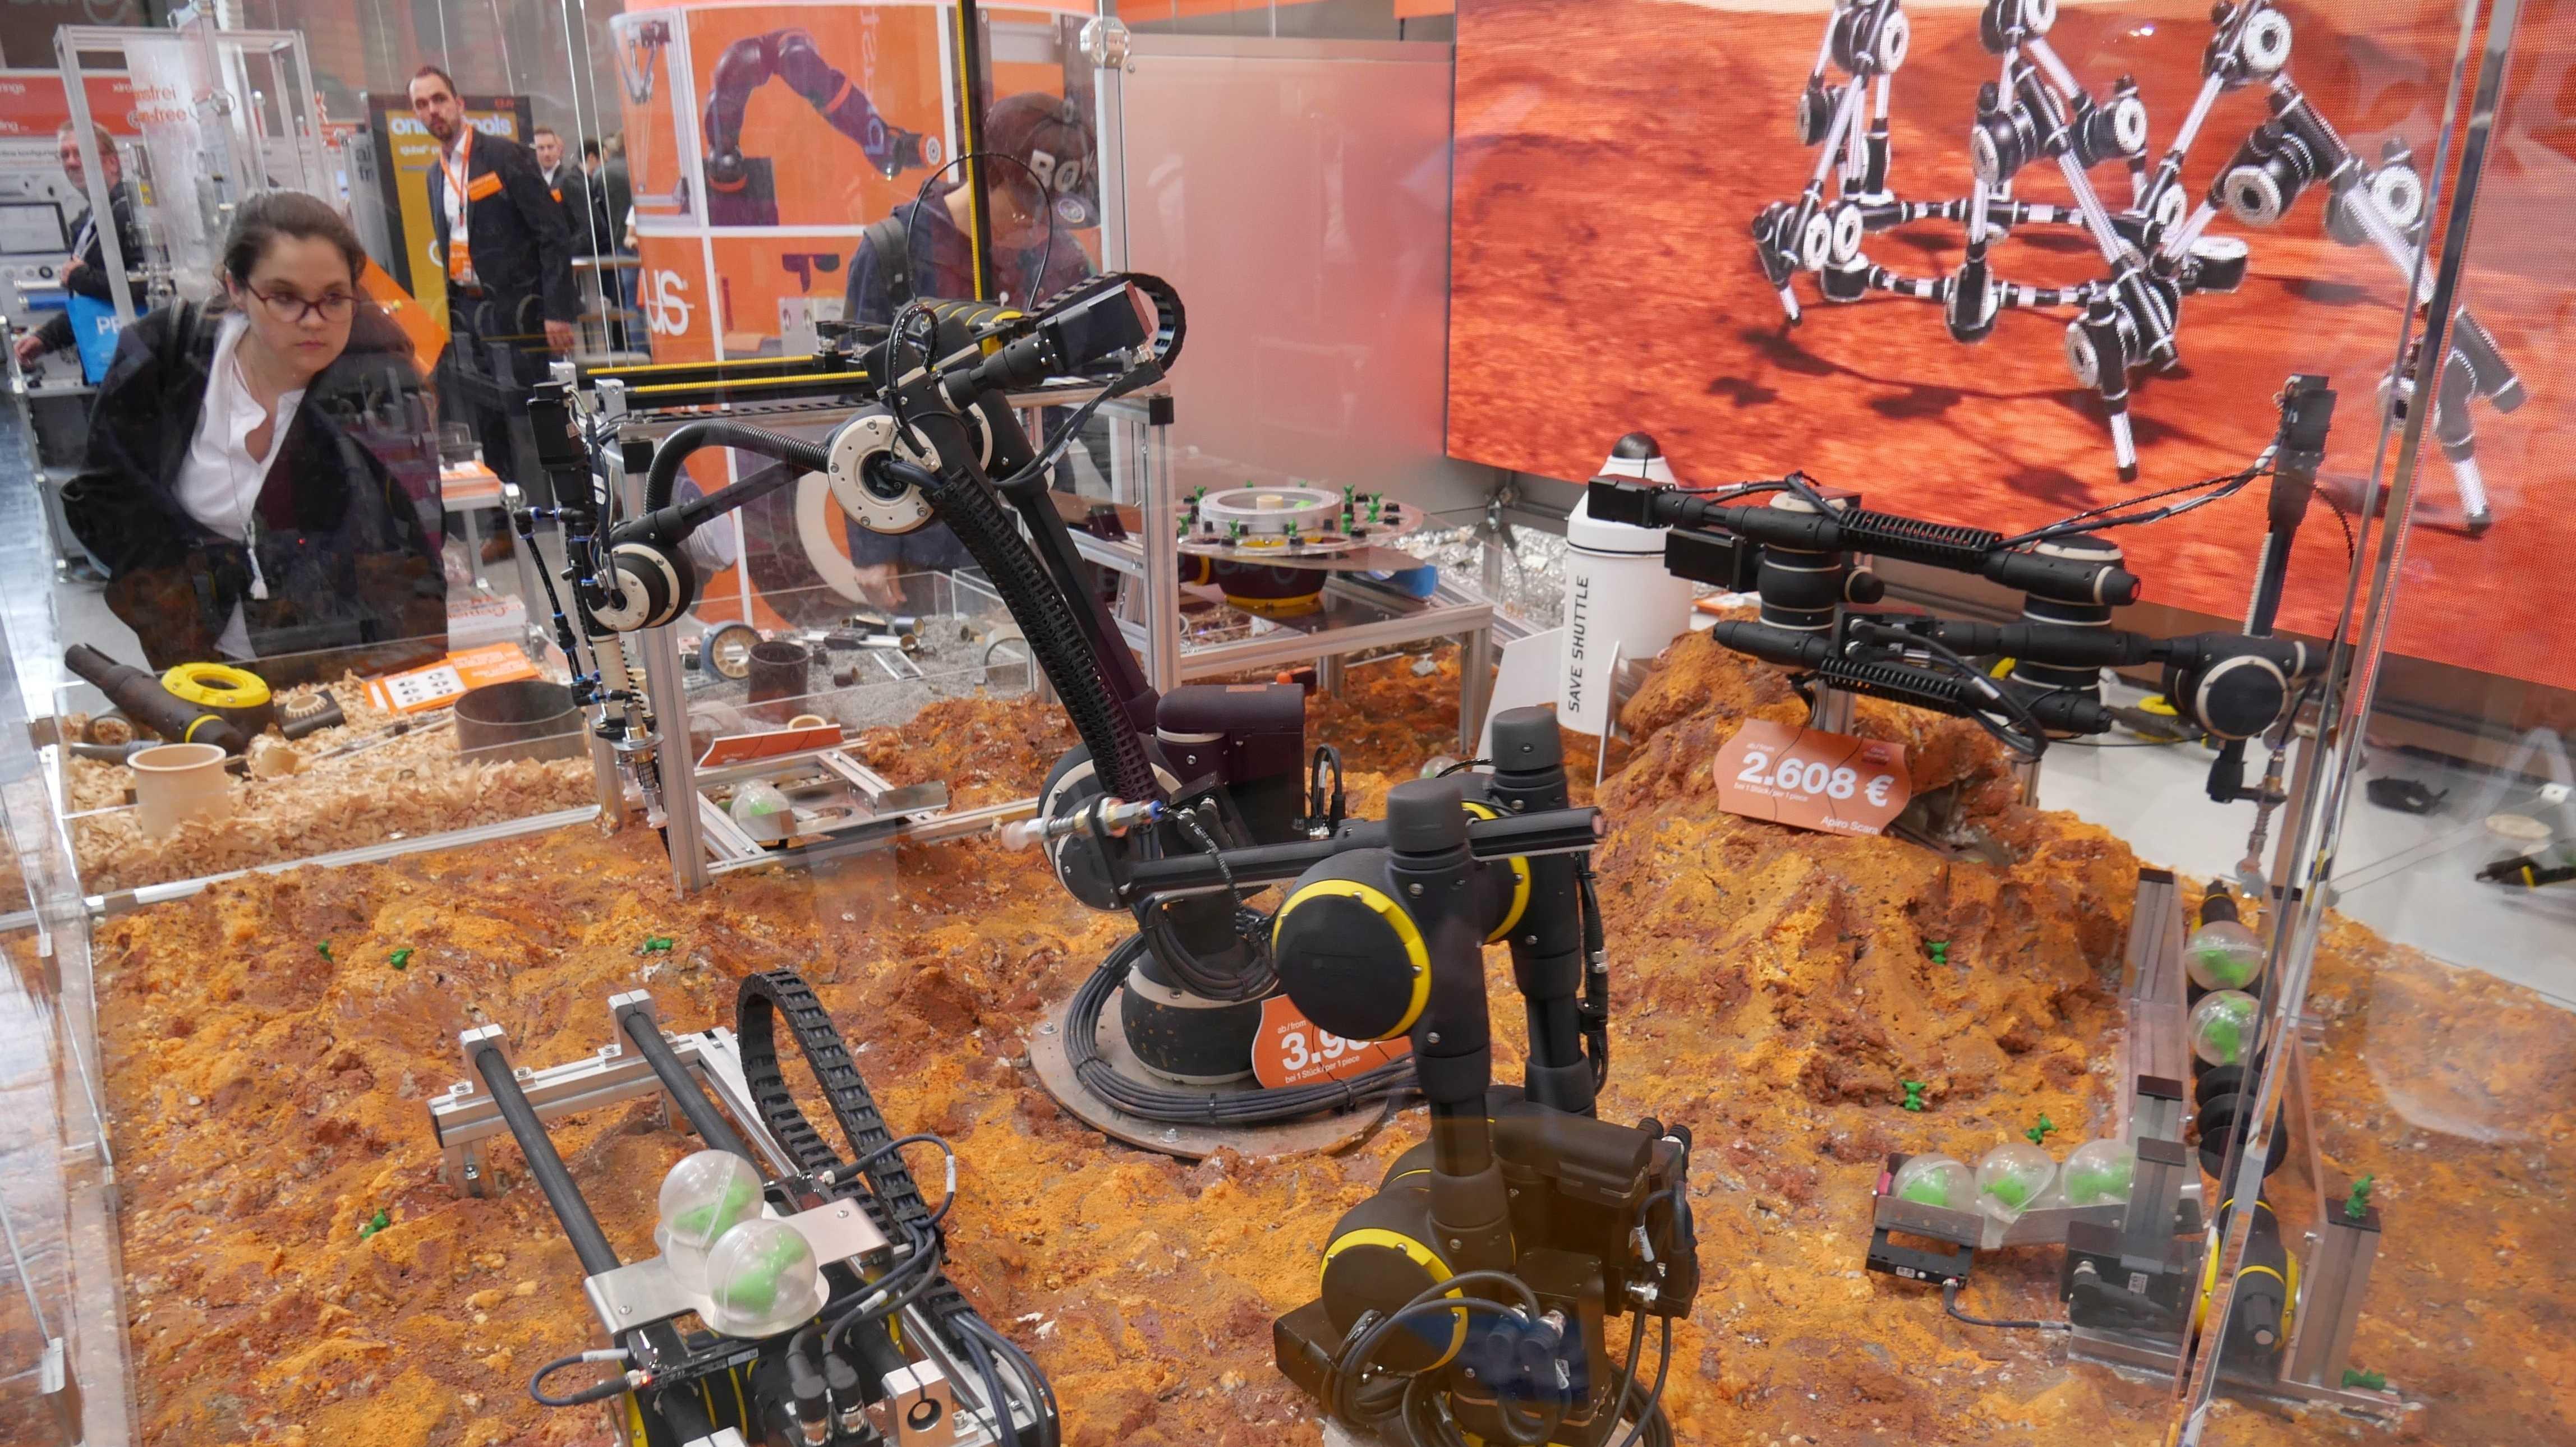 Module für jede Bewegung: neuer leichter Roboterbaukasten